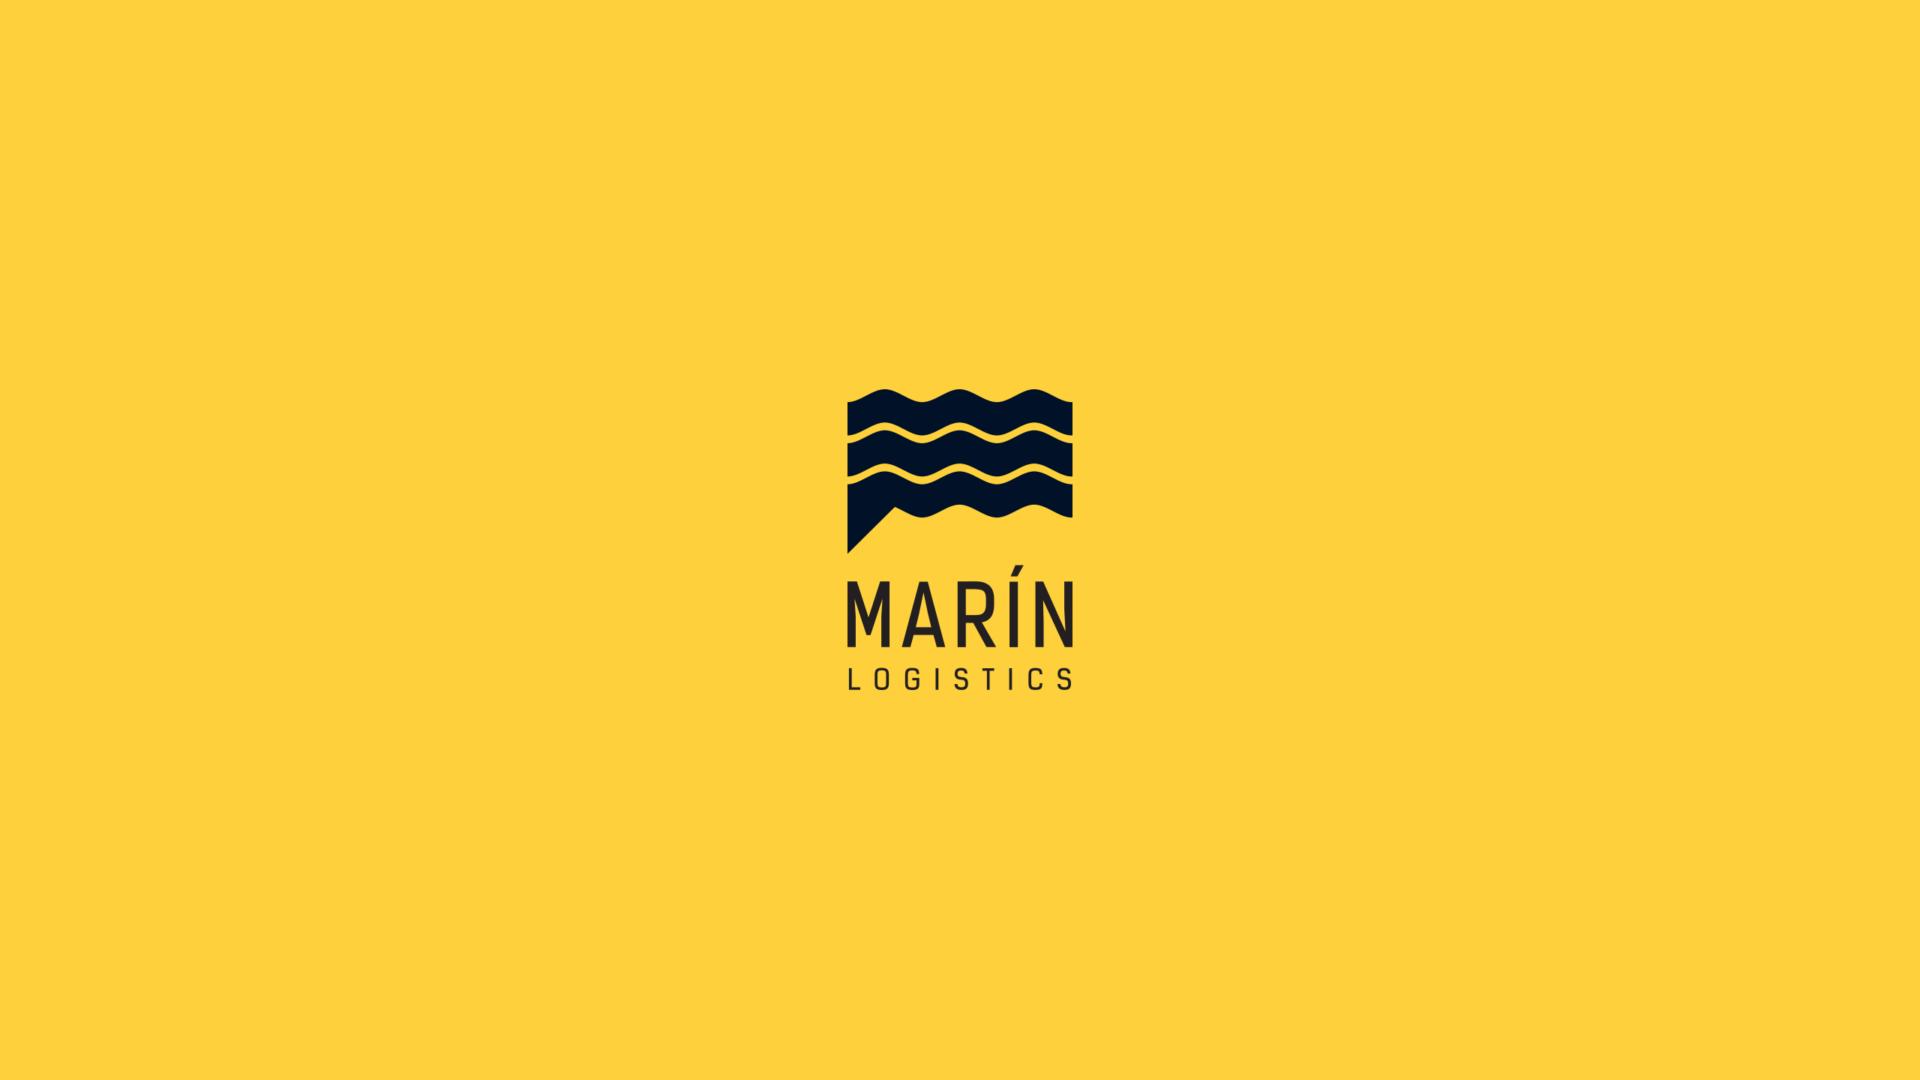 Logotipo Marin Logistics Pliegues